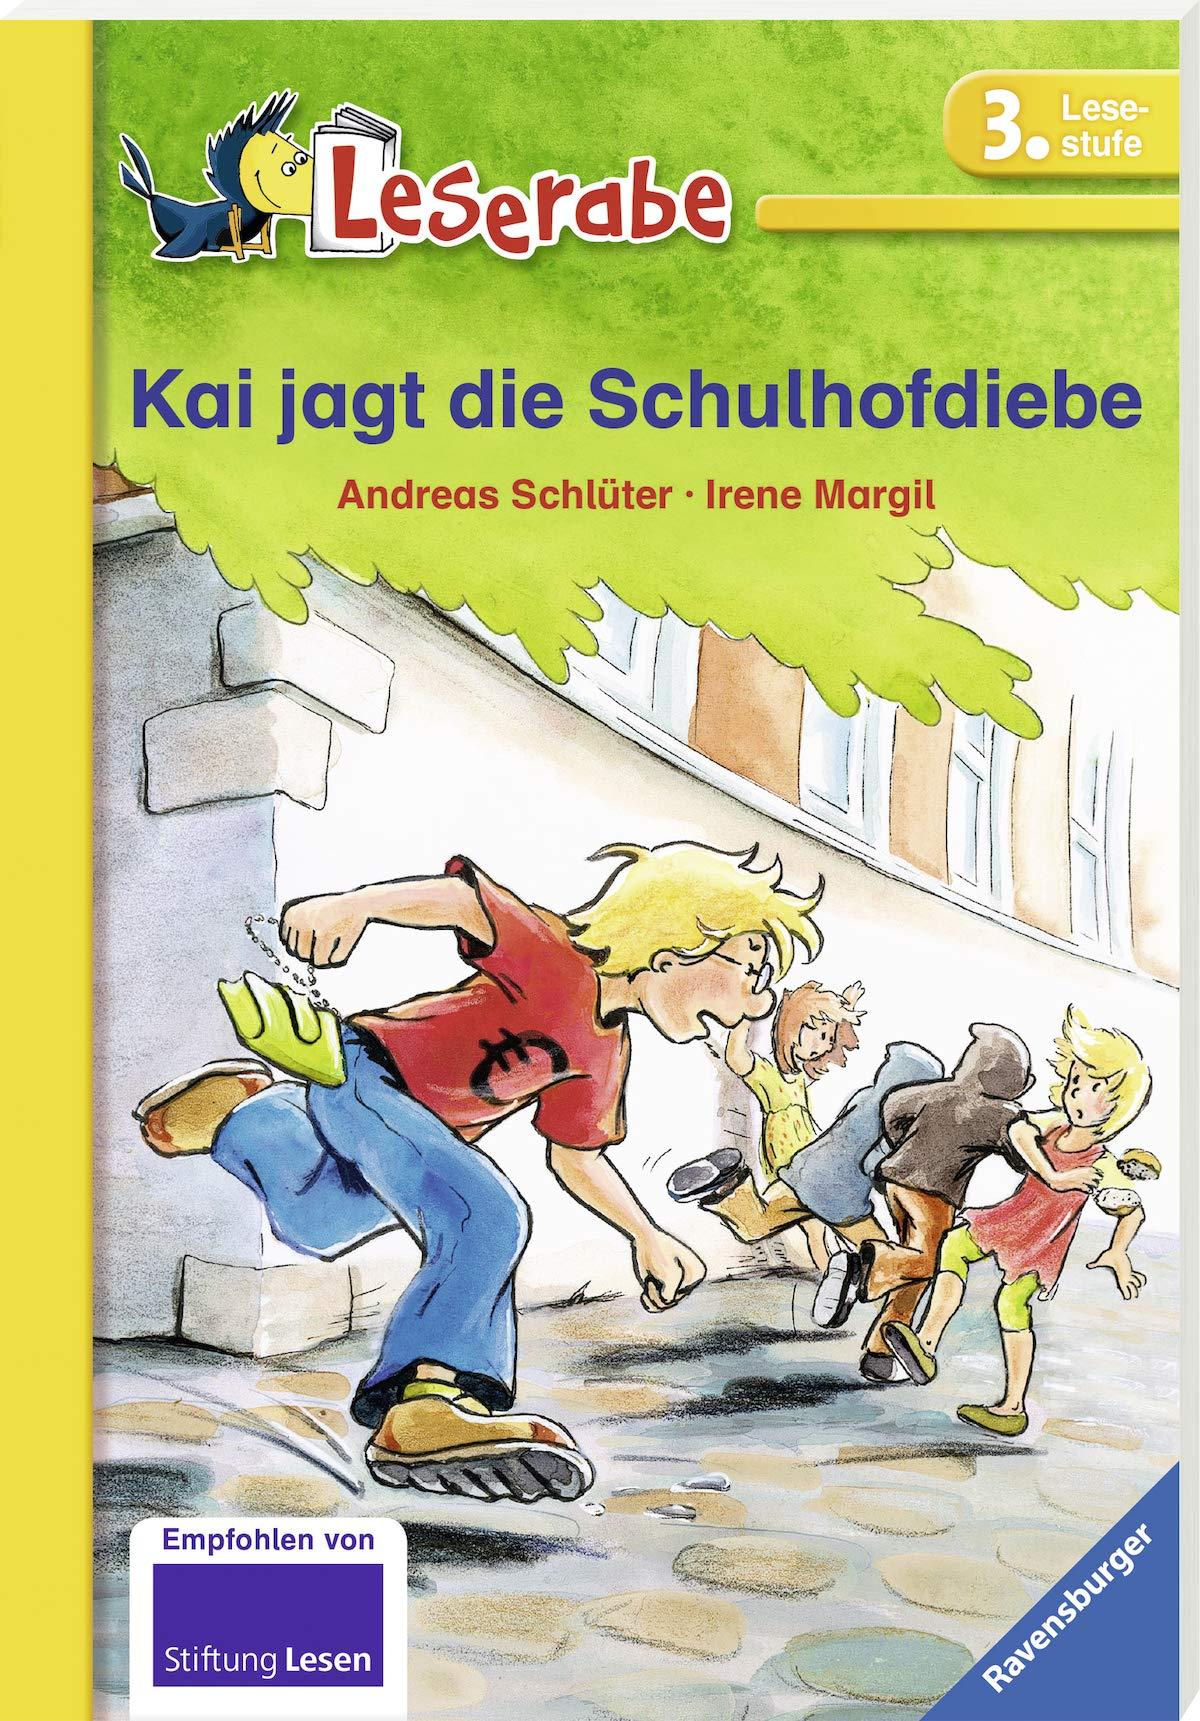 Kai jagt die Schulhofdiebe (Leserabe - Schulausgabe in Broschur)